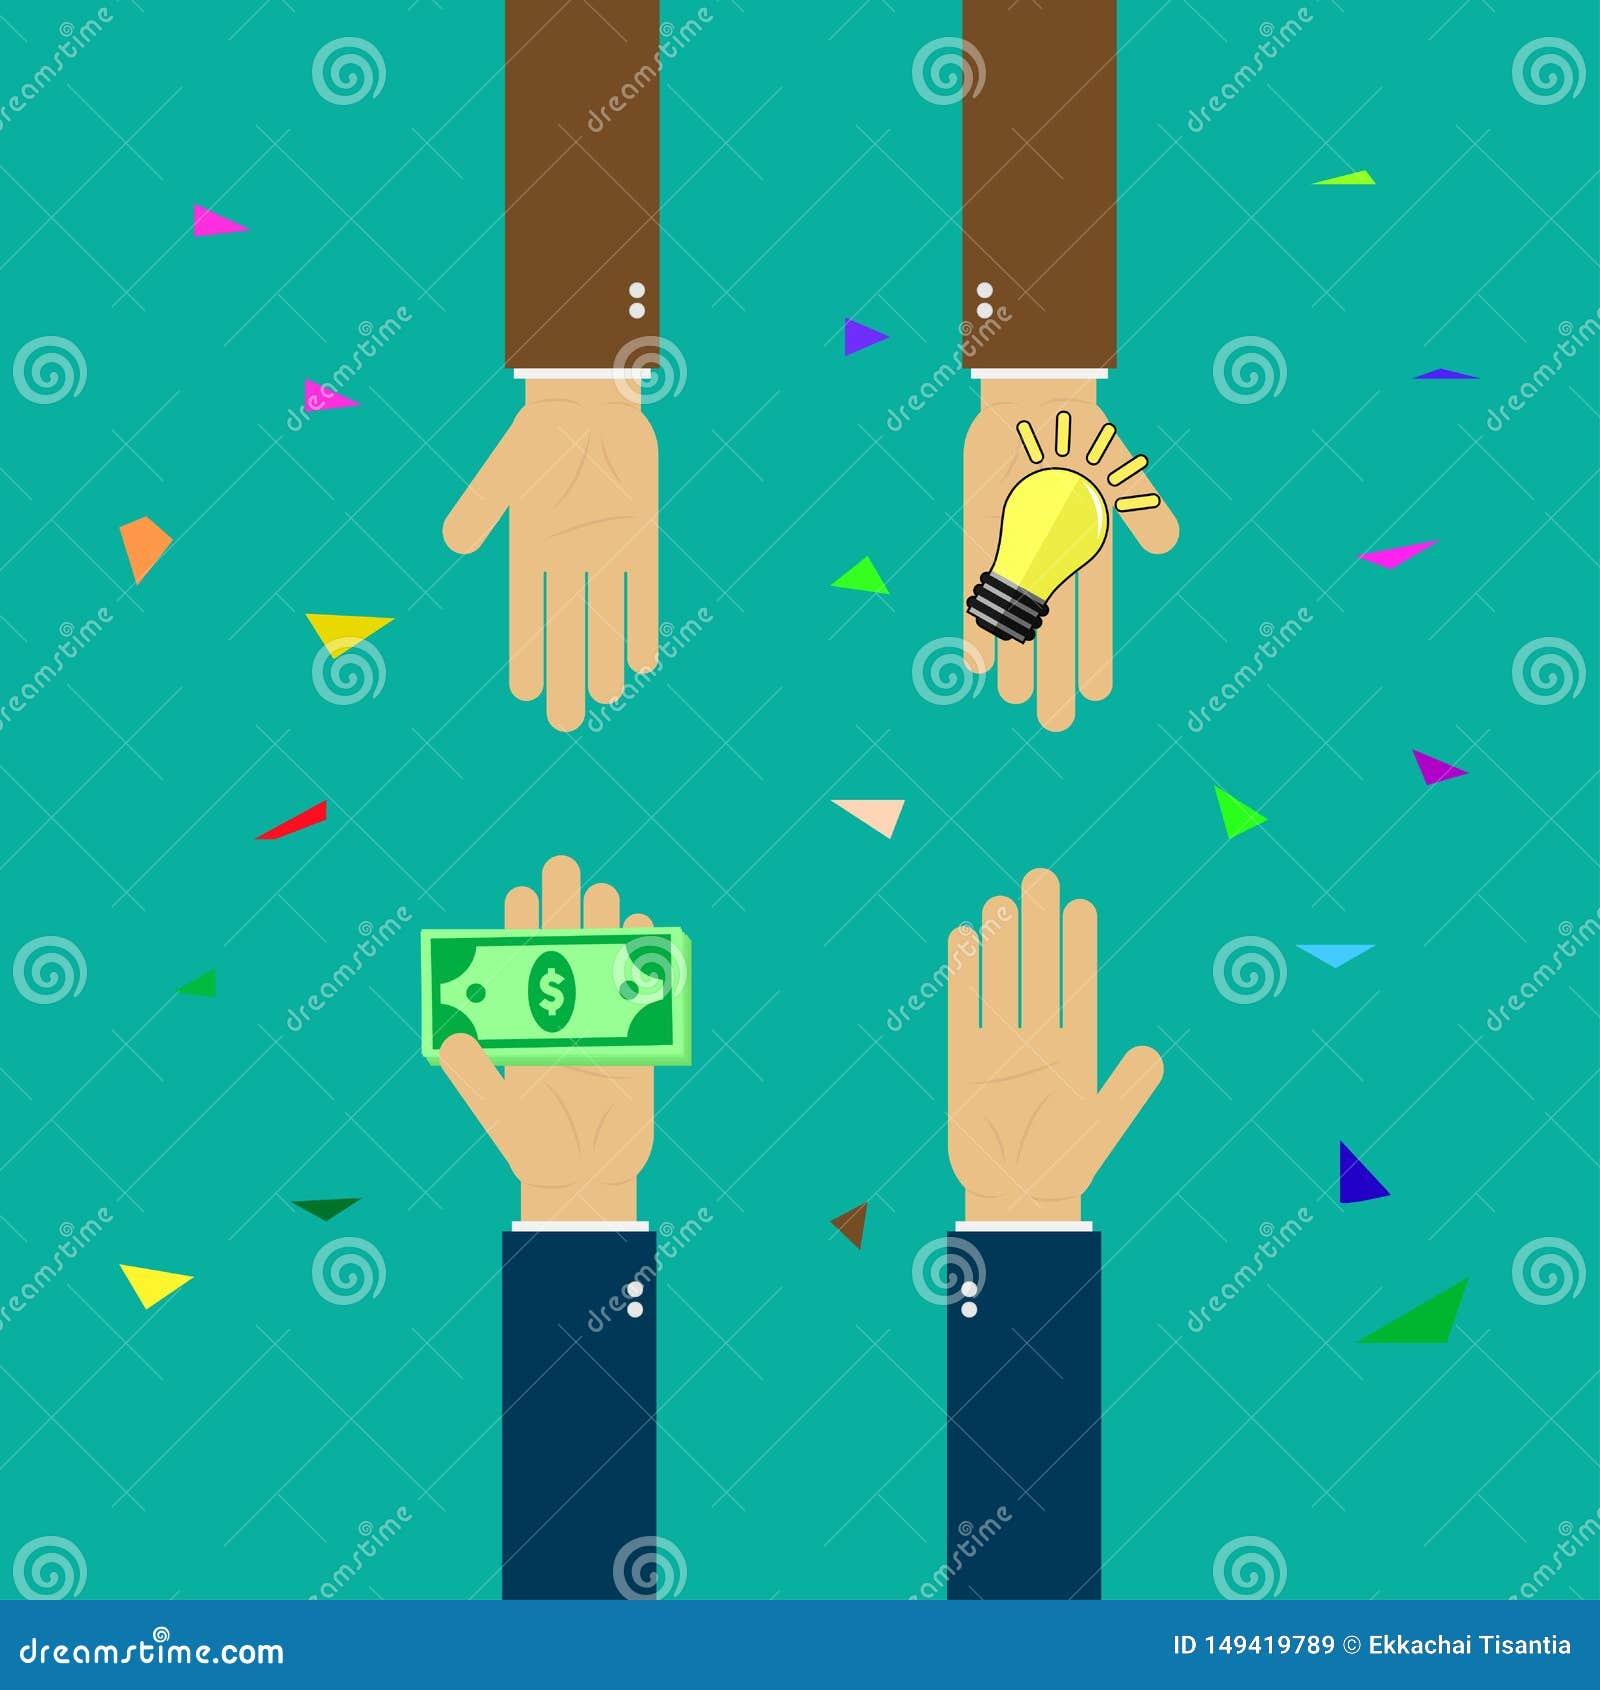 Les id?es d achat, id?e exploitant l argent, r?ussissent aux affaires, main tient l argent, main tient l ampoule